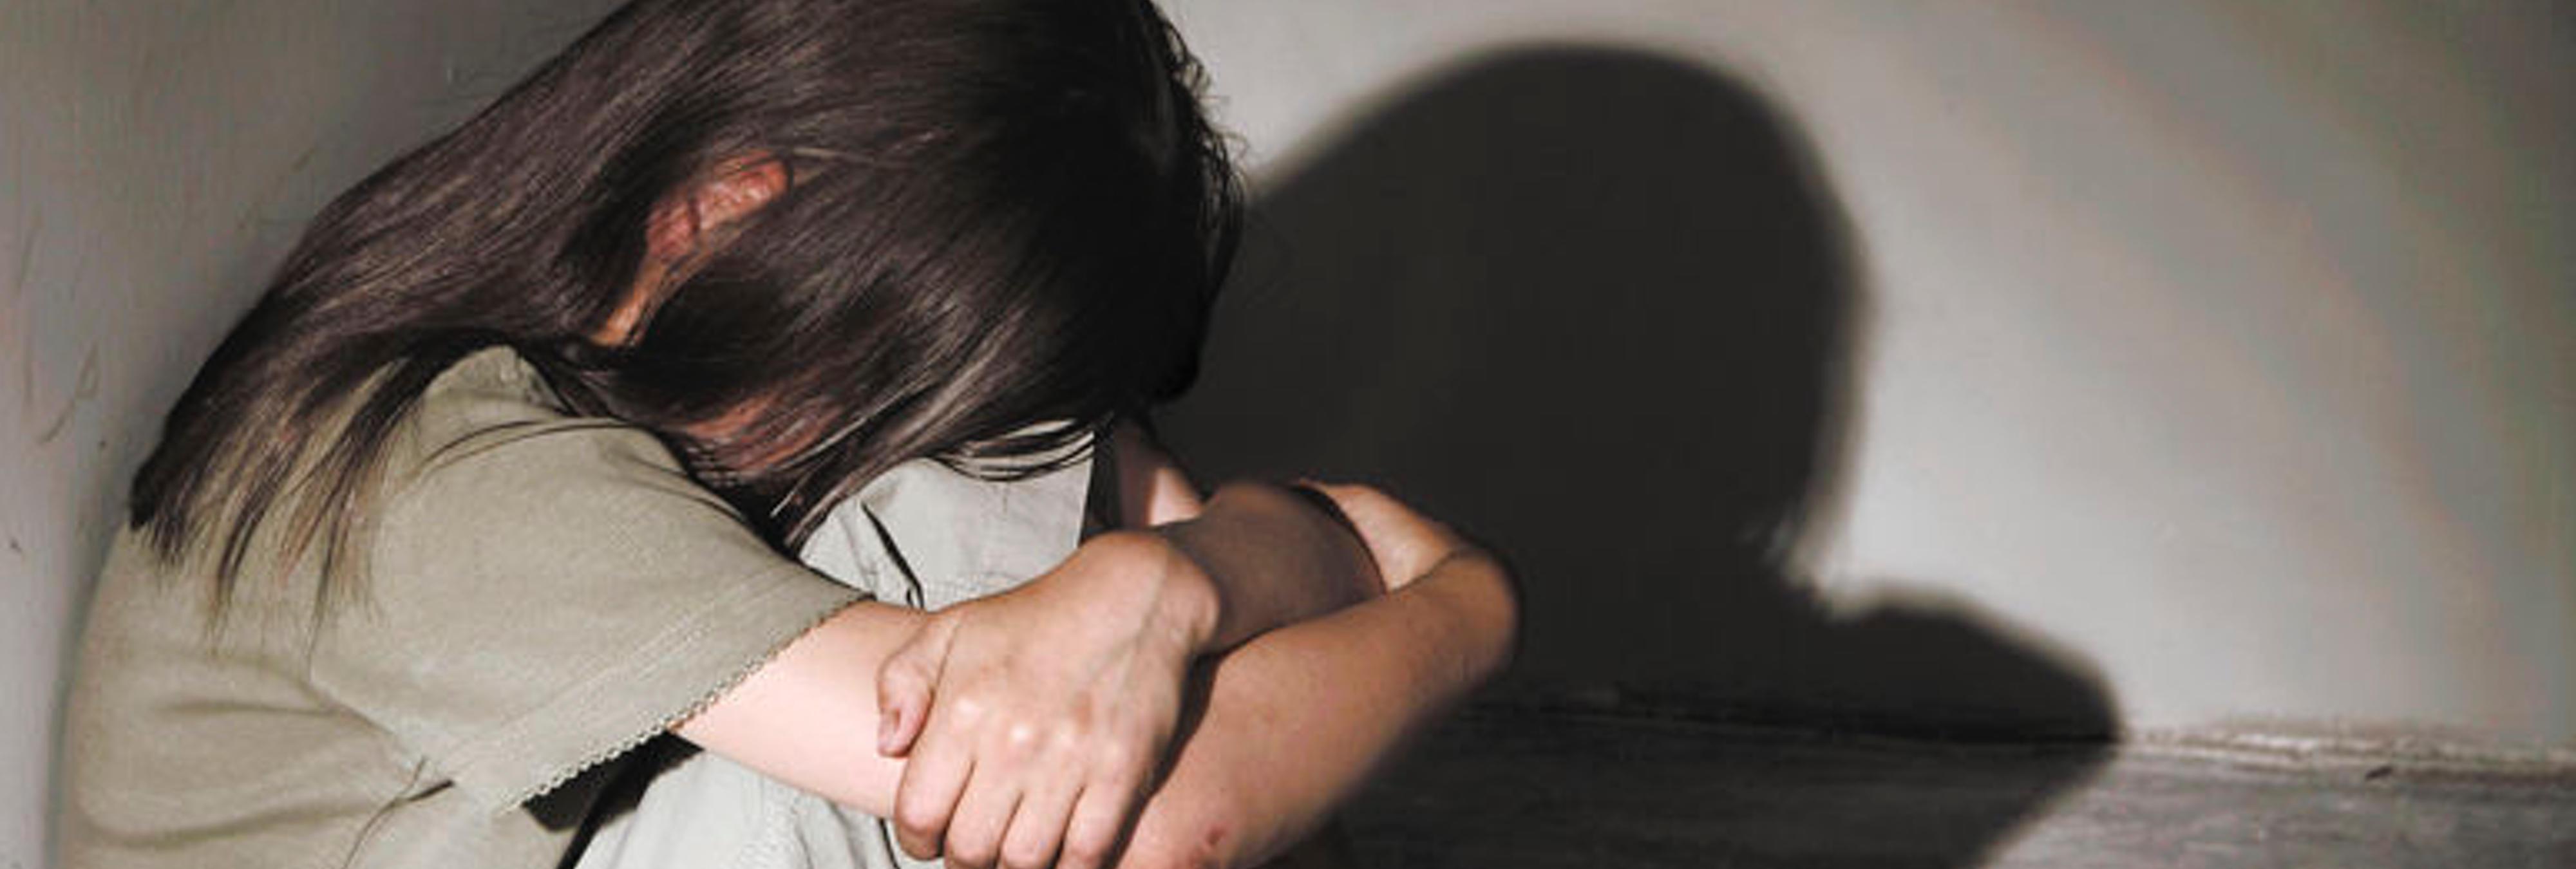 Un niño de 12 años adicto al porno admite haber violado a su hermana pequeña